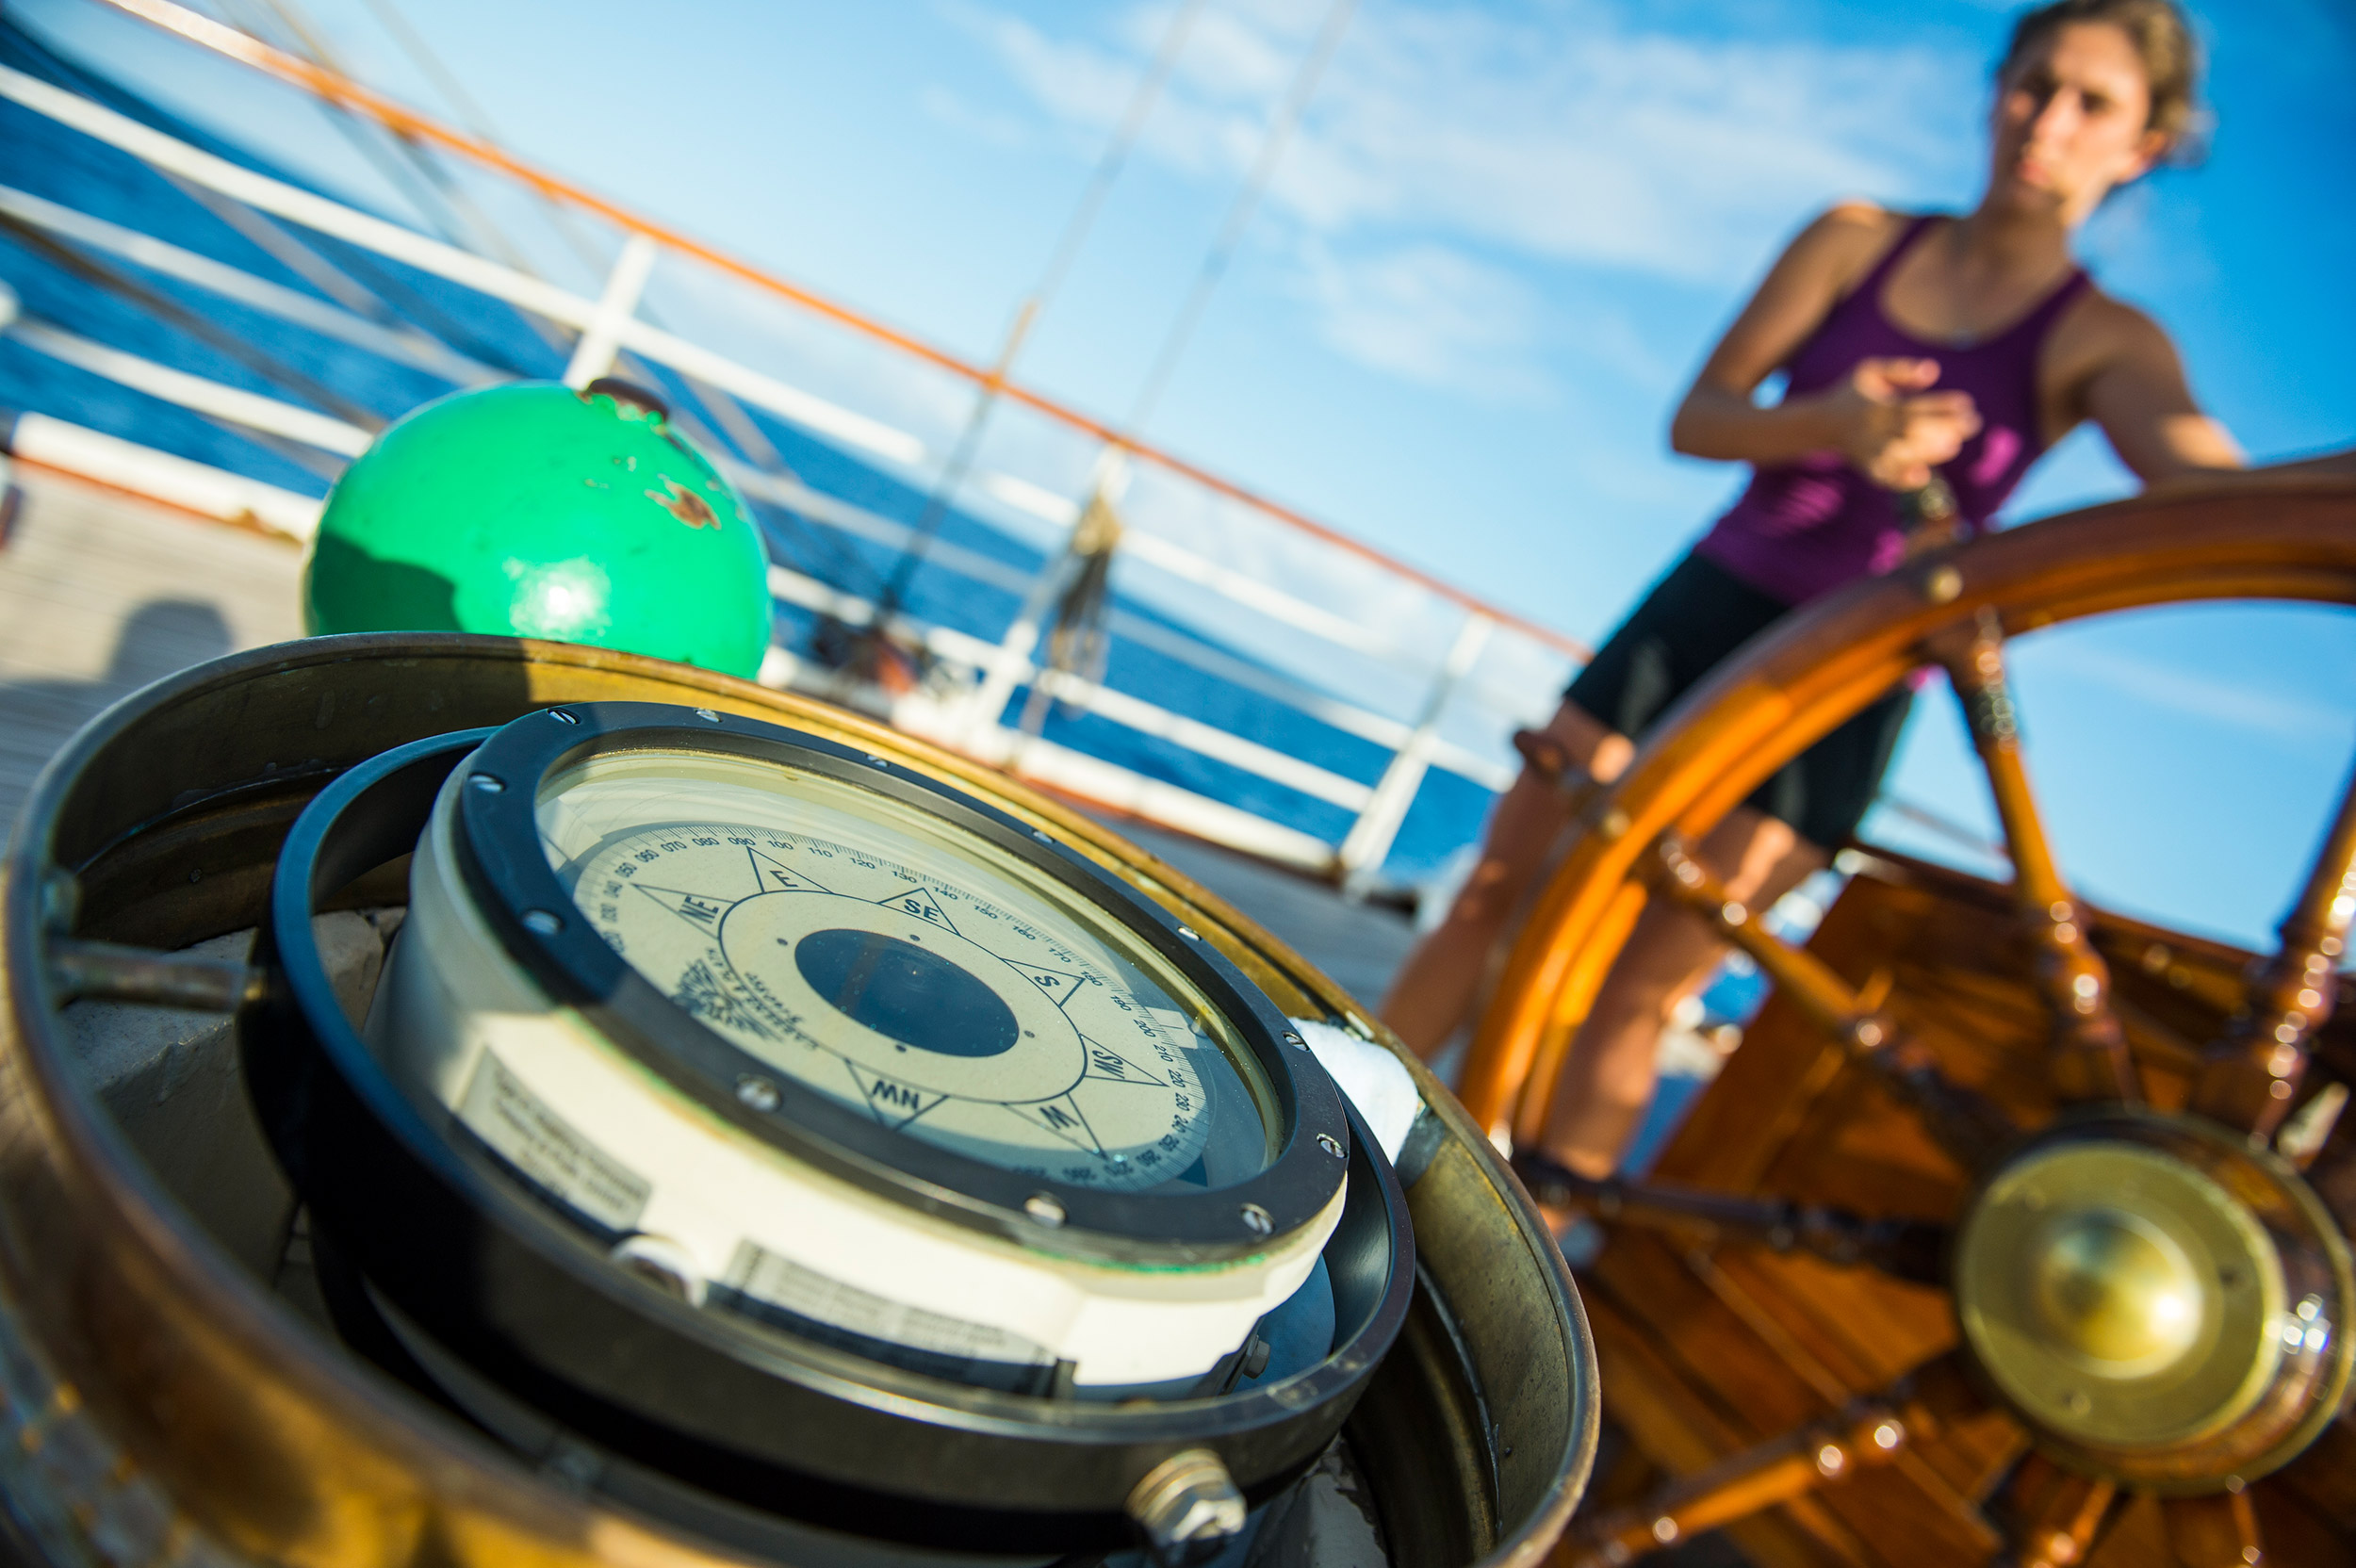 Sjømannsliv på Fullriggeren - en seilas fra Kristiansand til Farsund